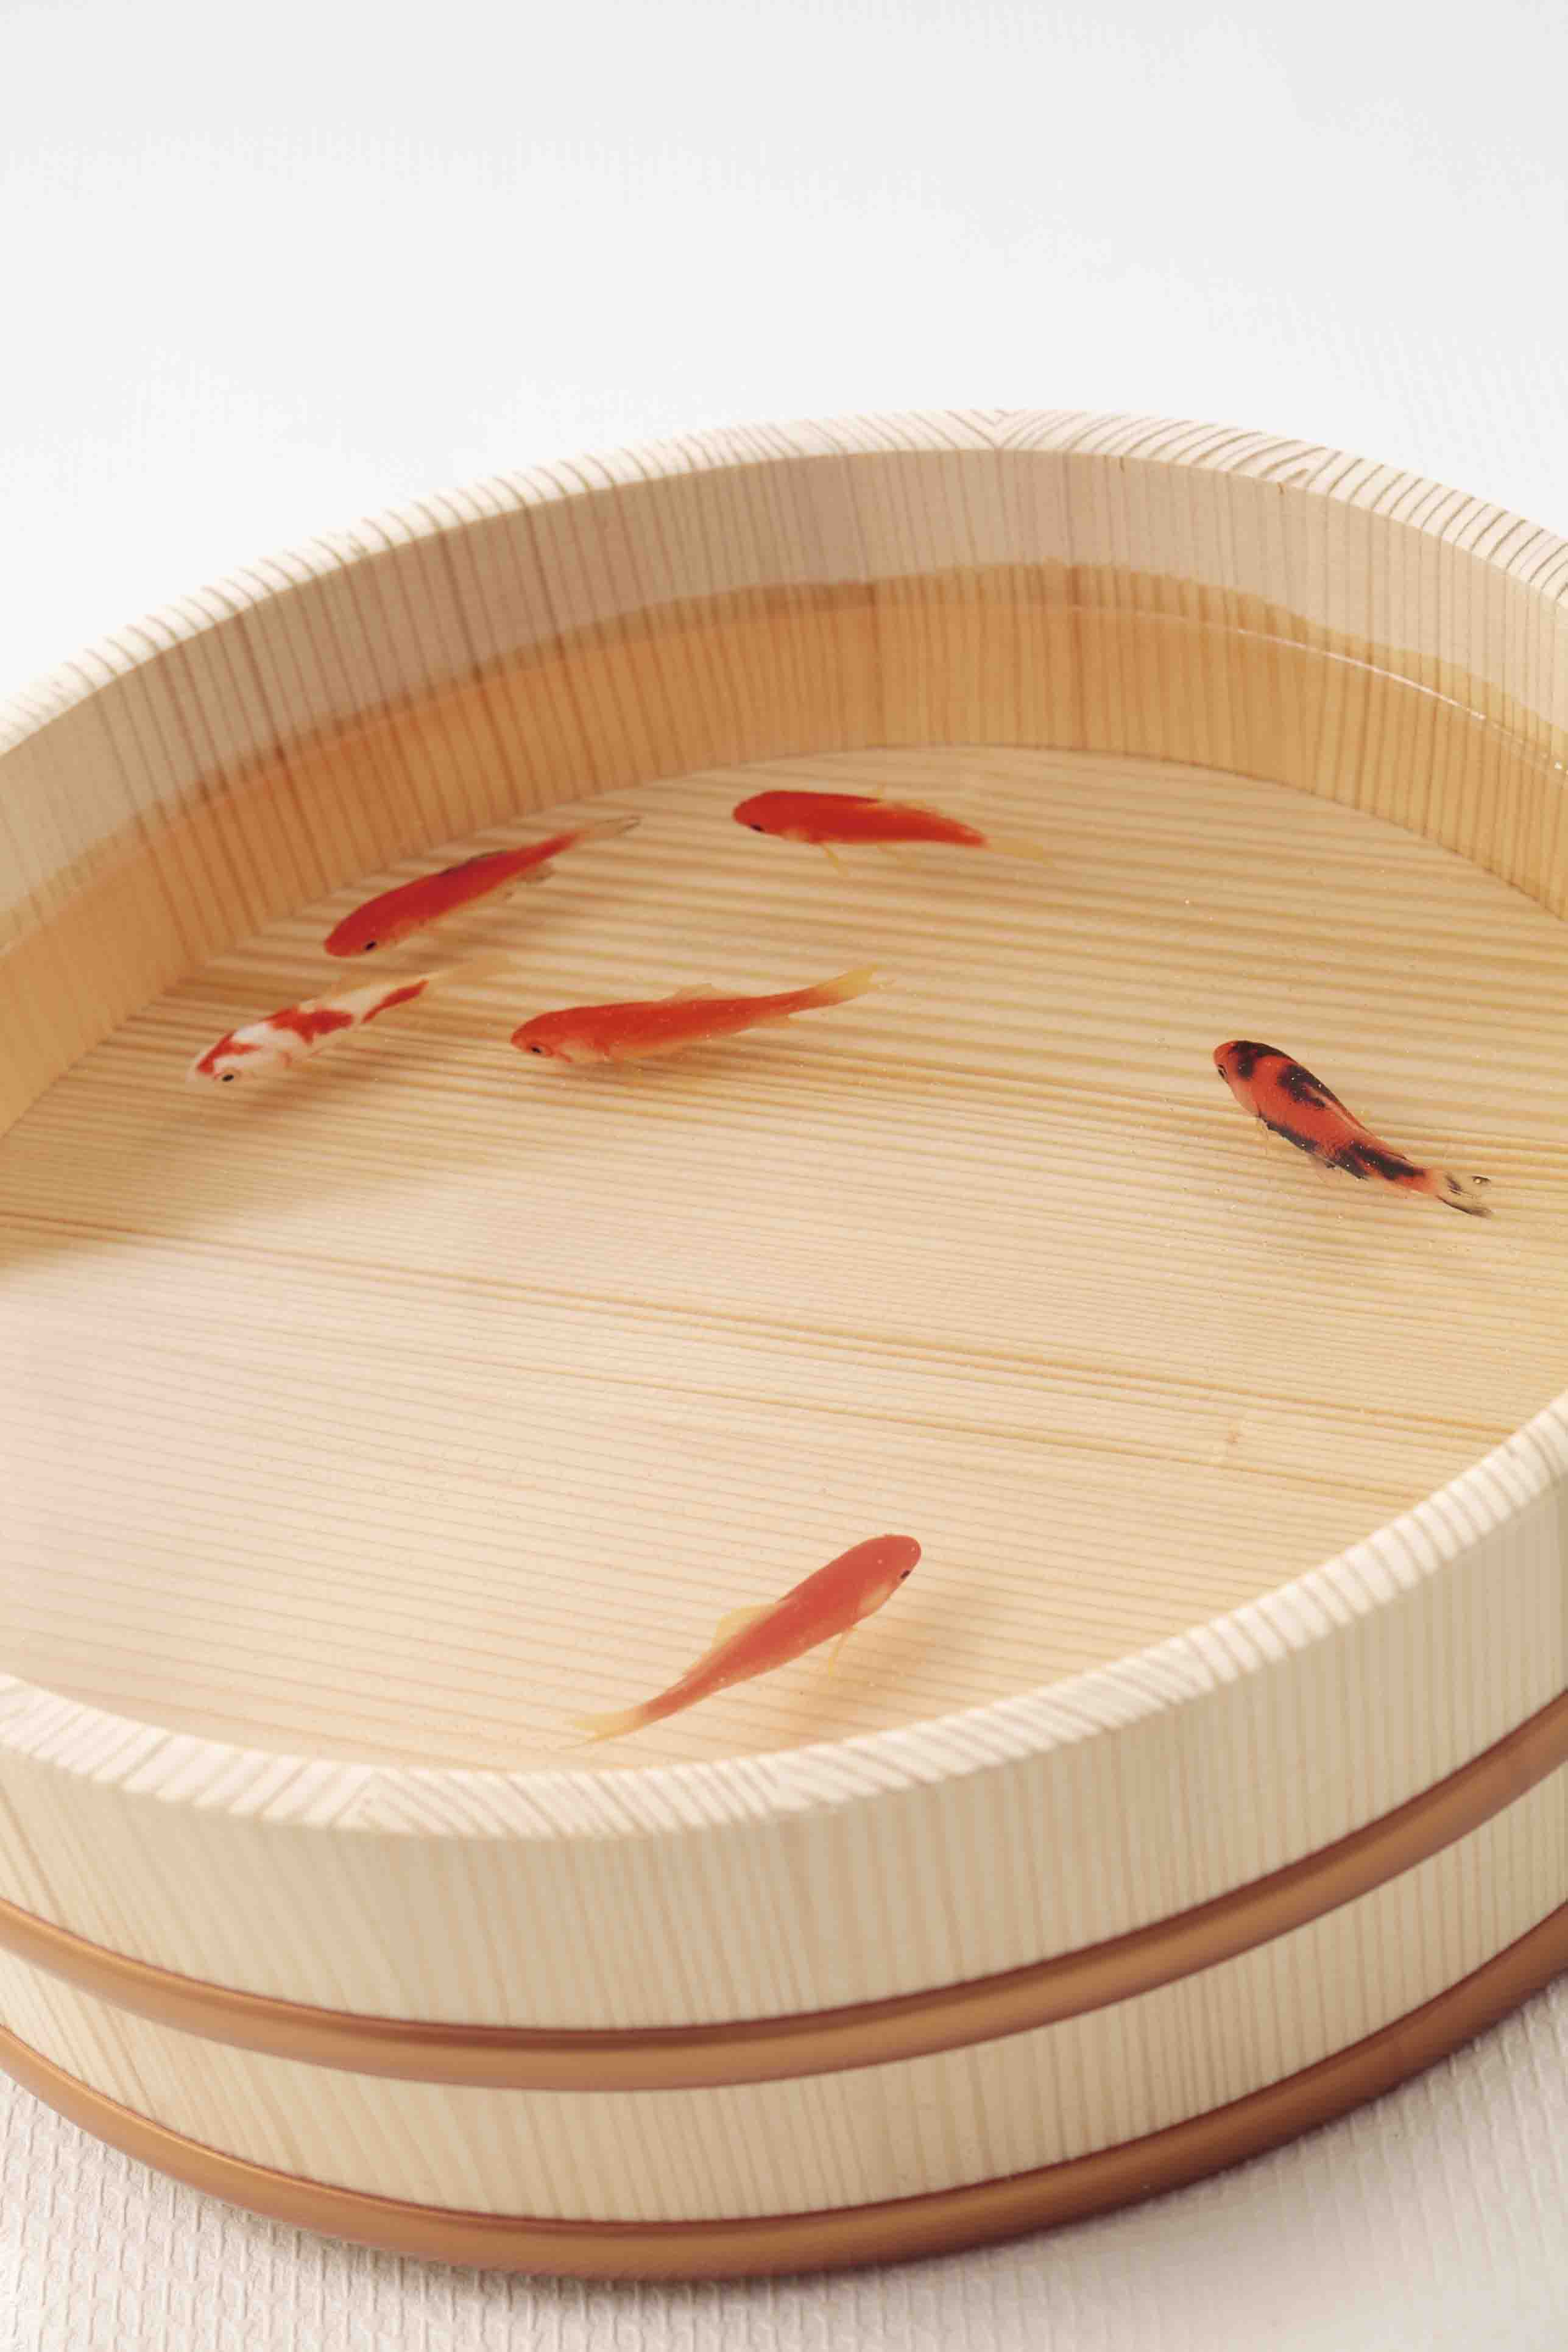 過去作品「金魚の泳ぐ桶」